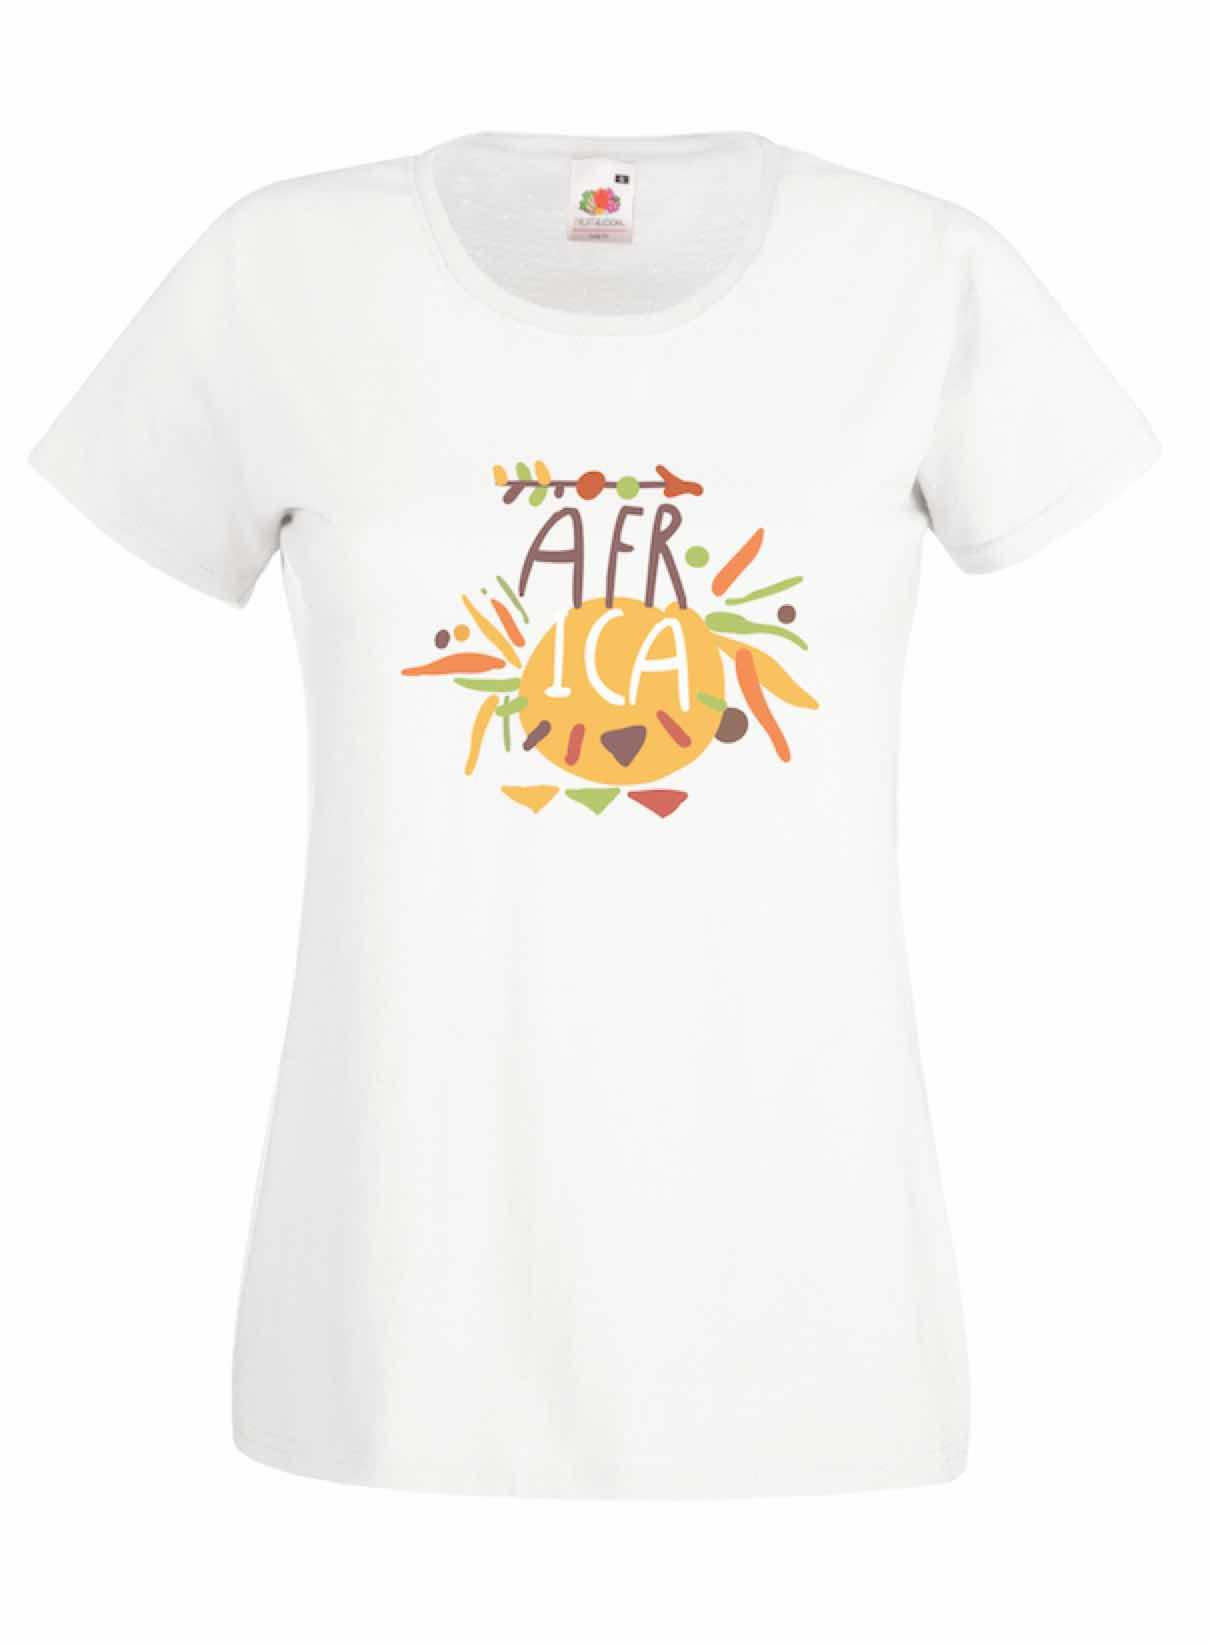 Arrow design for t-shirt, hoodie & sweatshirt